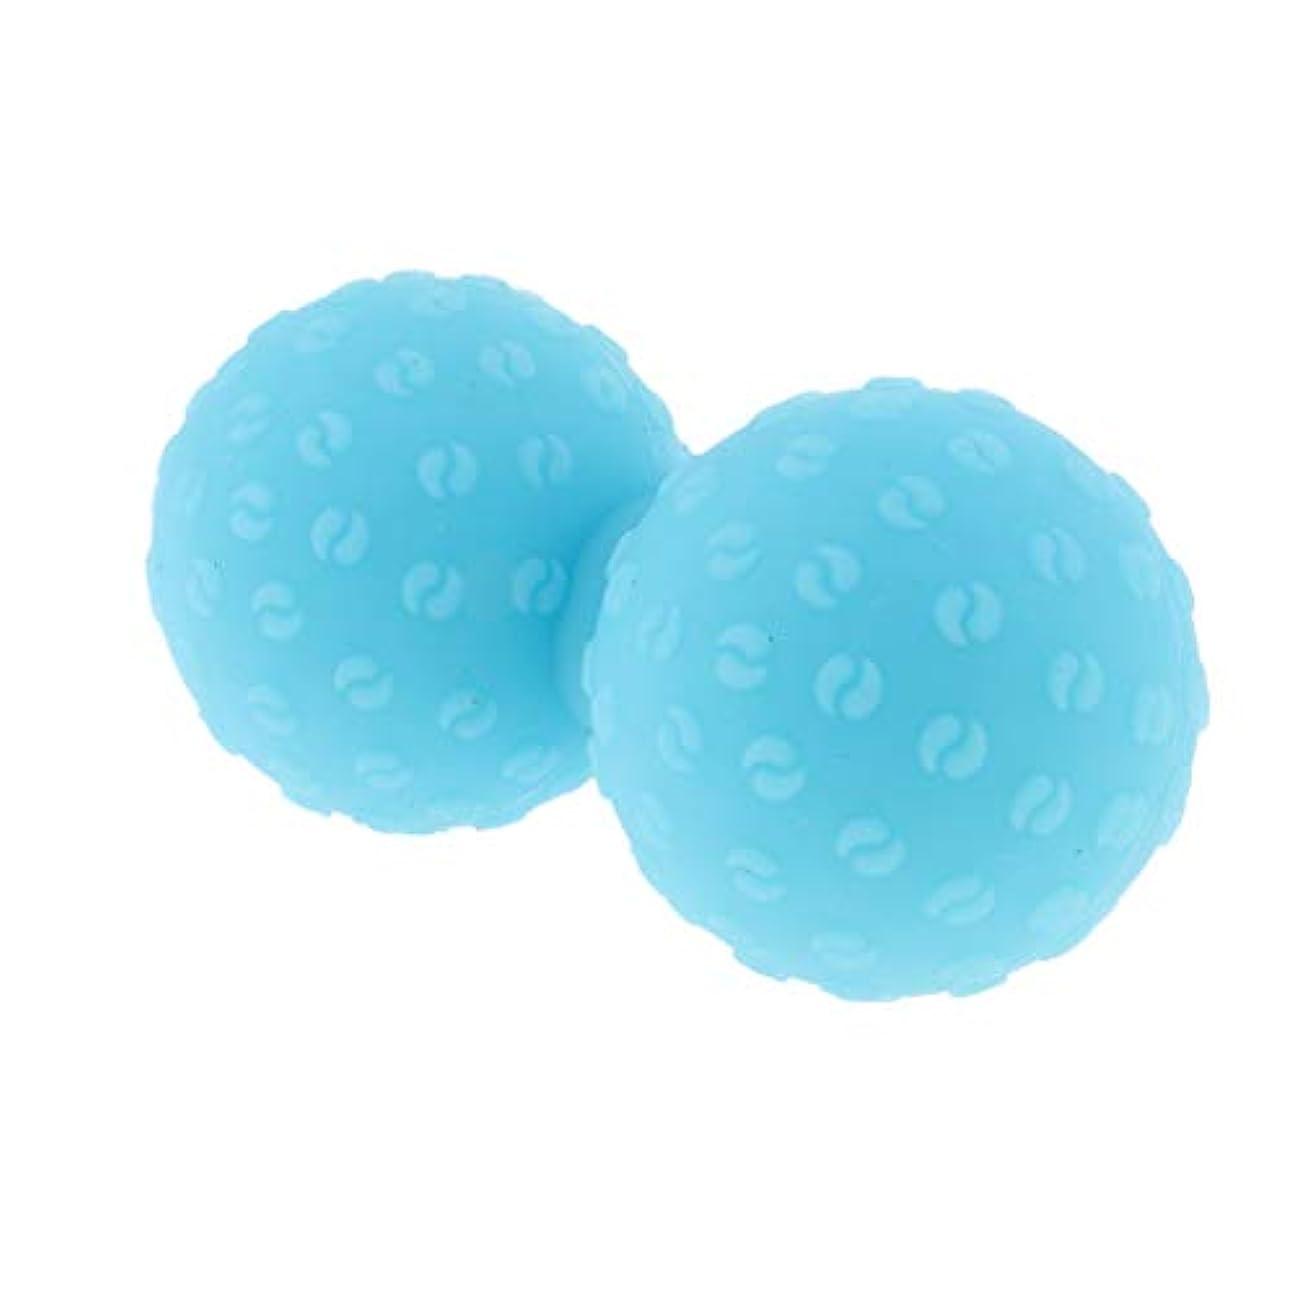 ミニチュアシンジケート怖がらせるFenteer シリコンマッサージボール 指圧ボール ピーナッツ トリガーポイント ツボ押しグッズ ヨガ 全6色 - 青, 説明のとおり